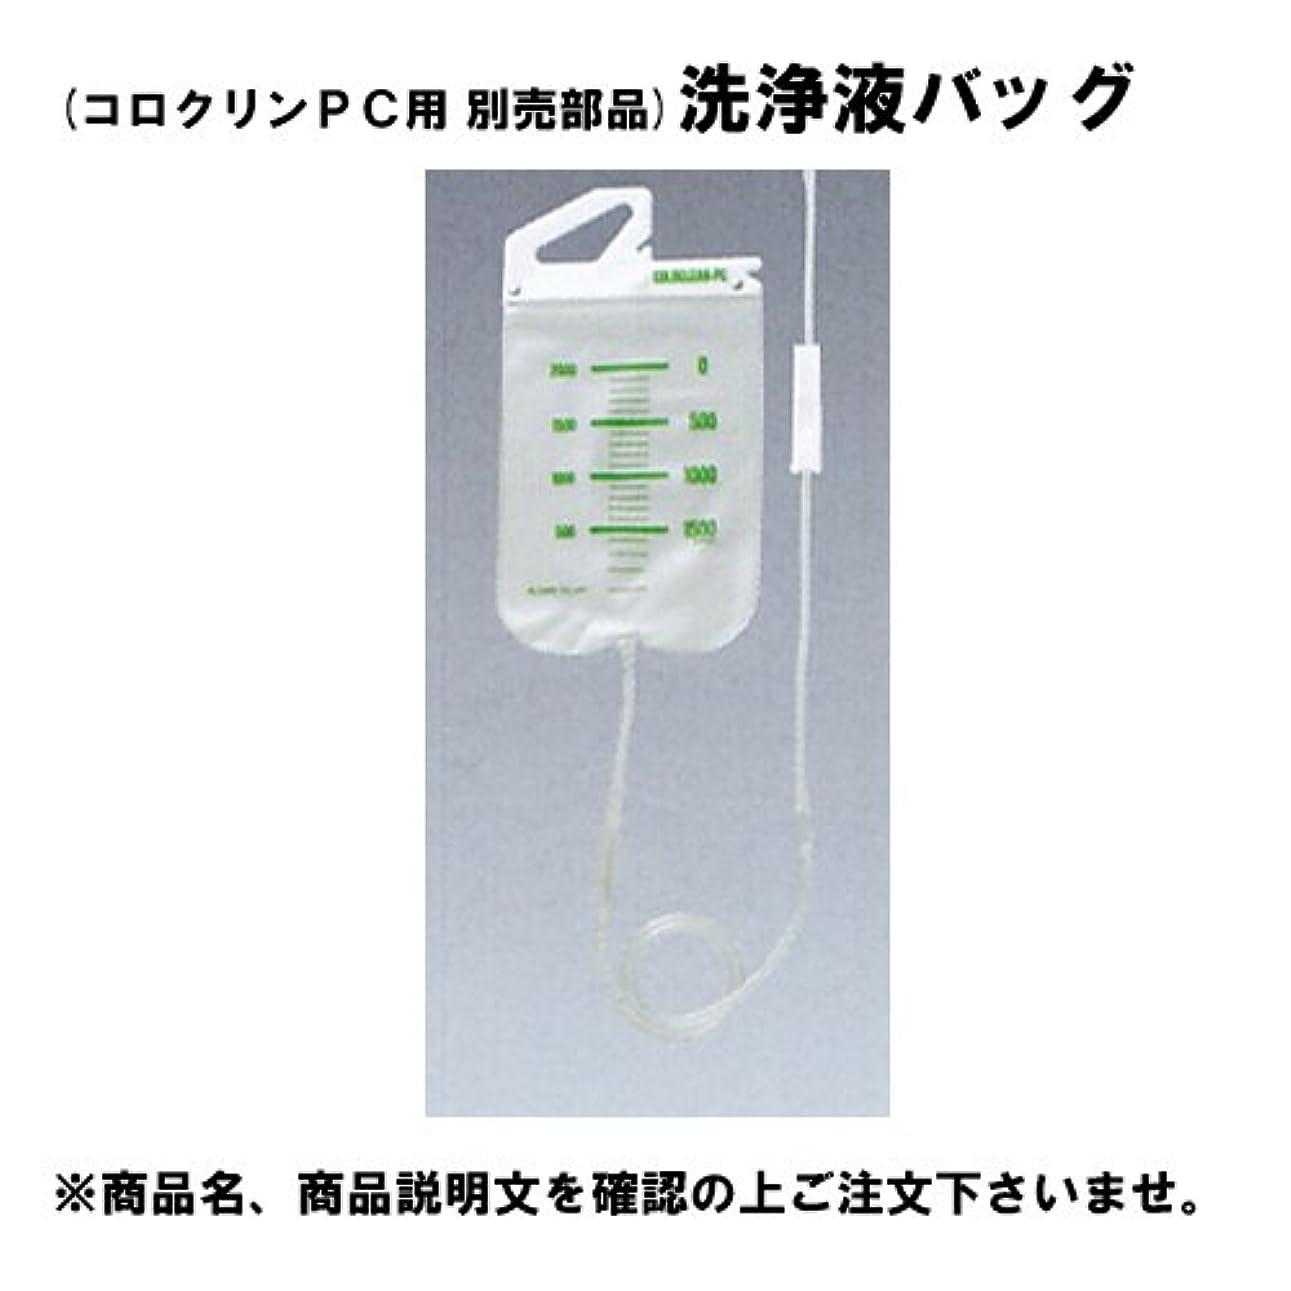 絶対のコストかんたん〔アルケア〕コロクリンPC用部品 洗浄液バッグ 容量2000ml(ロールクランプ付)×1個入〔品番:13411〕